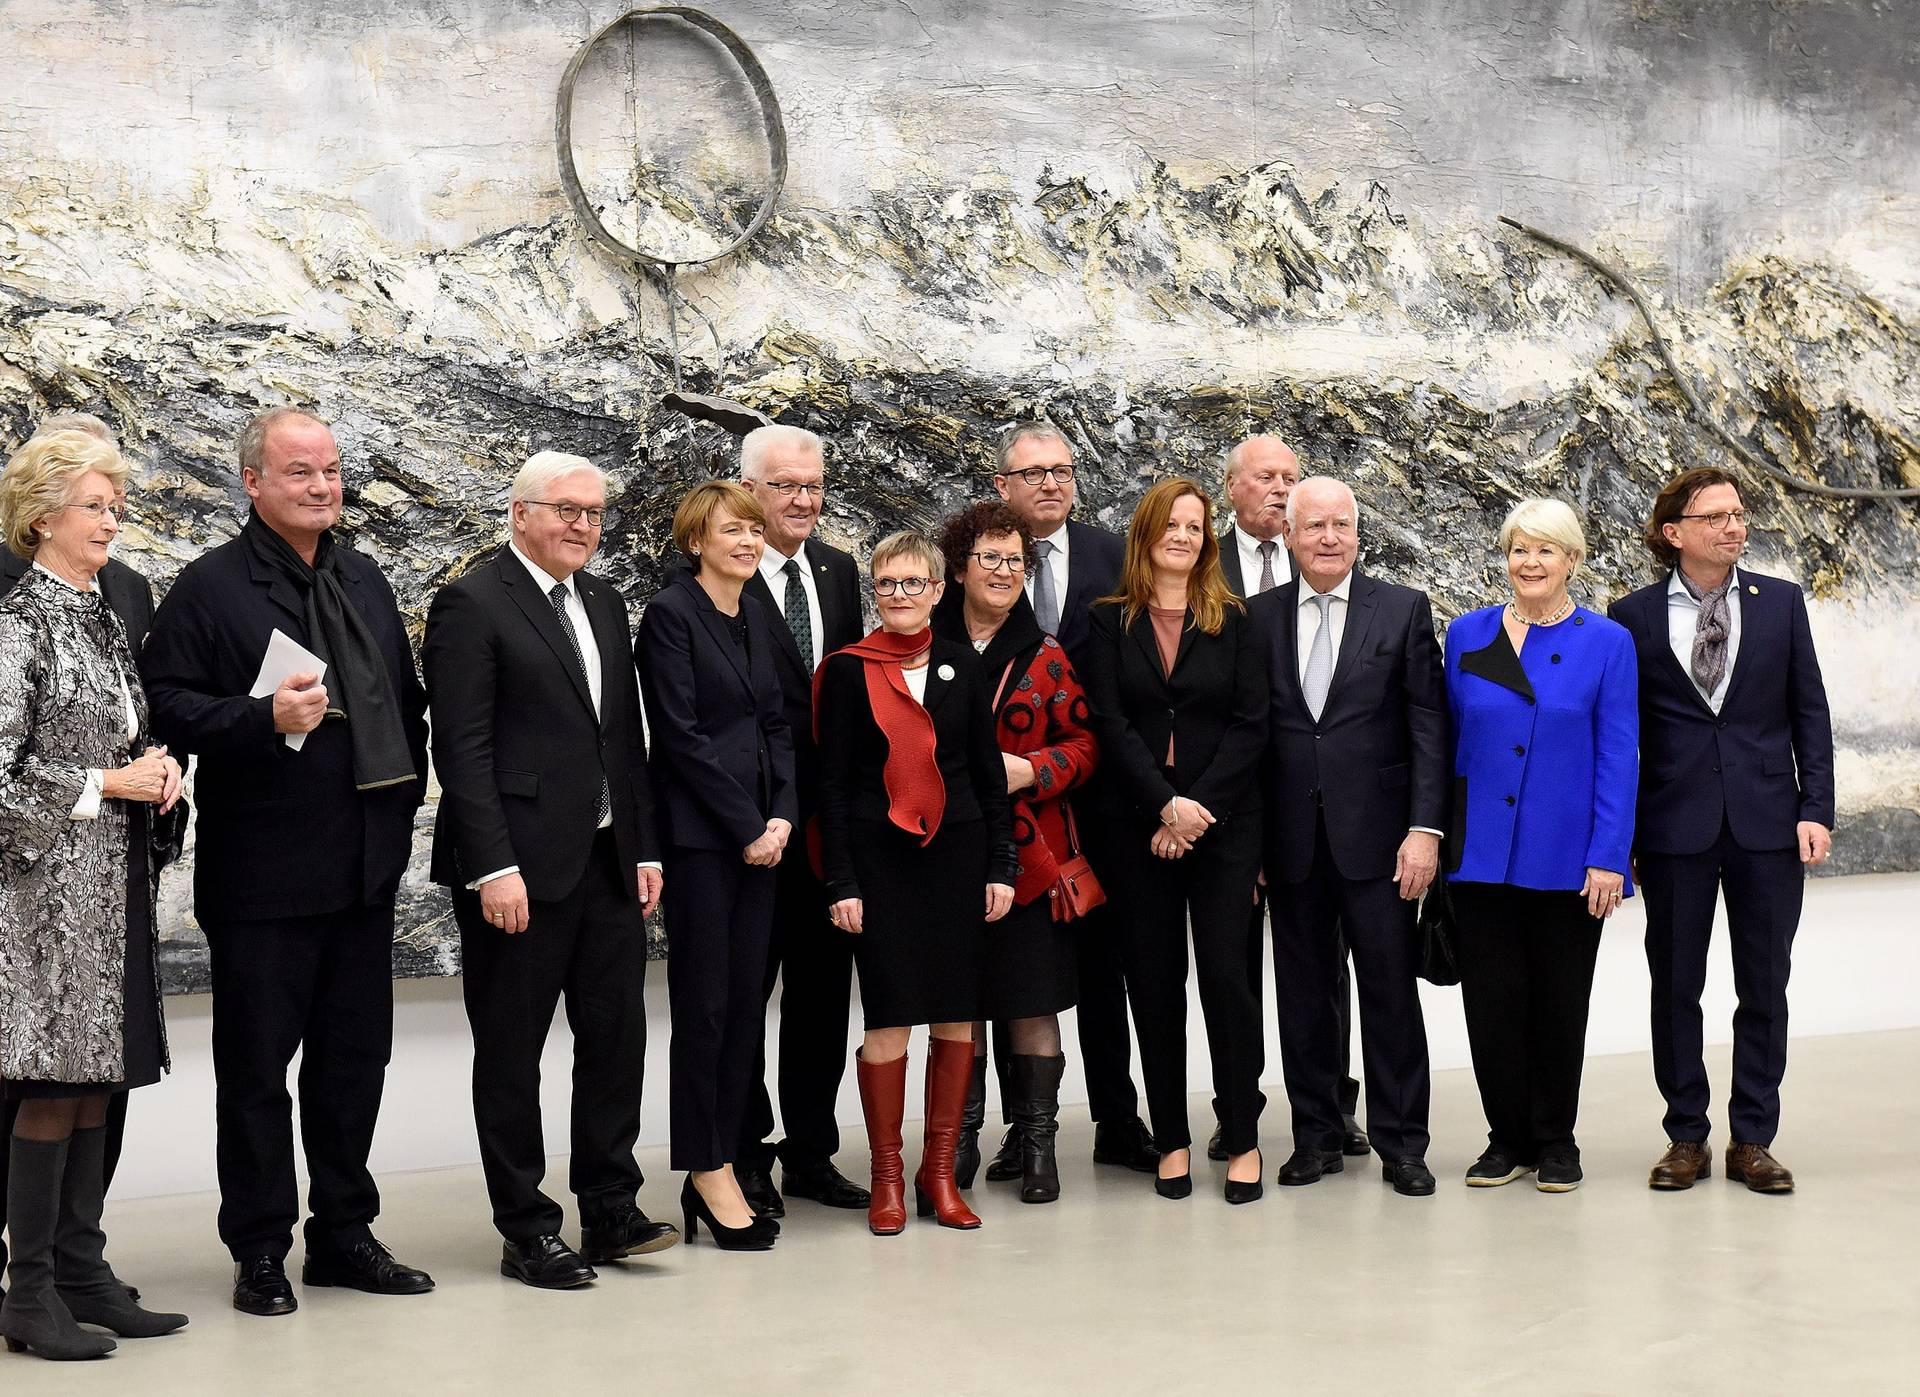 Auch Bundespräsident Frank-Walter Steinmeier und Ministerpräsident Winfried Kretschmann gratulieren zum Neubau der Kunsthalle Mannheim